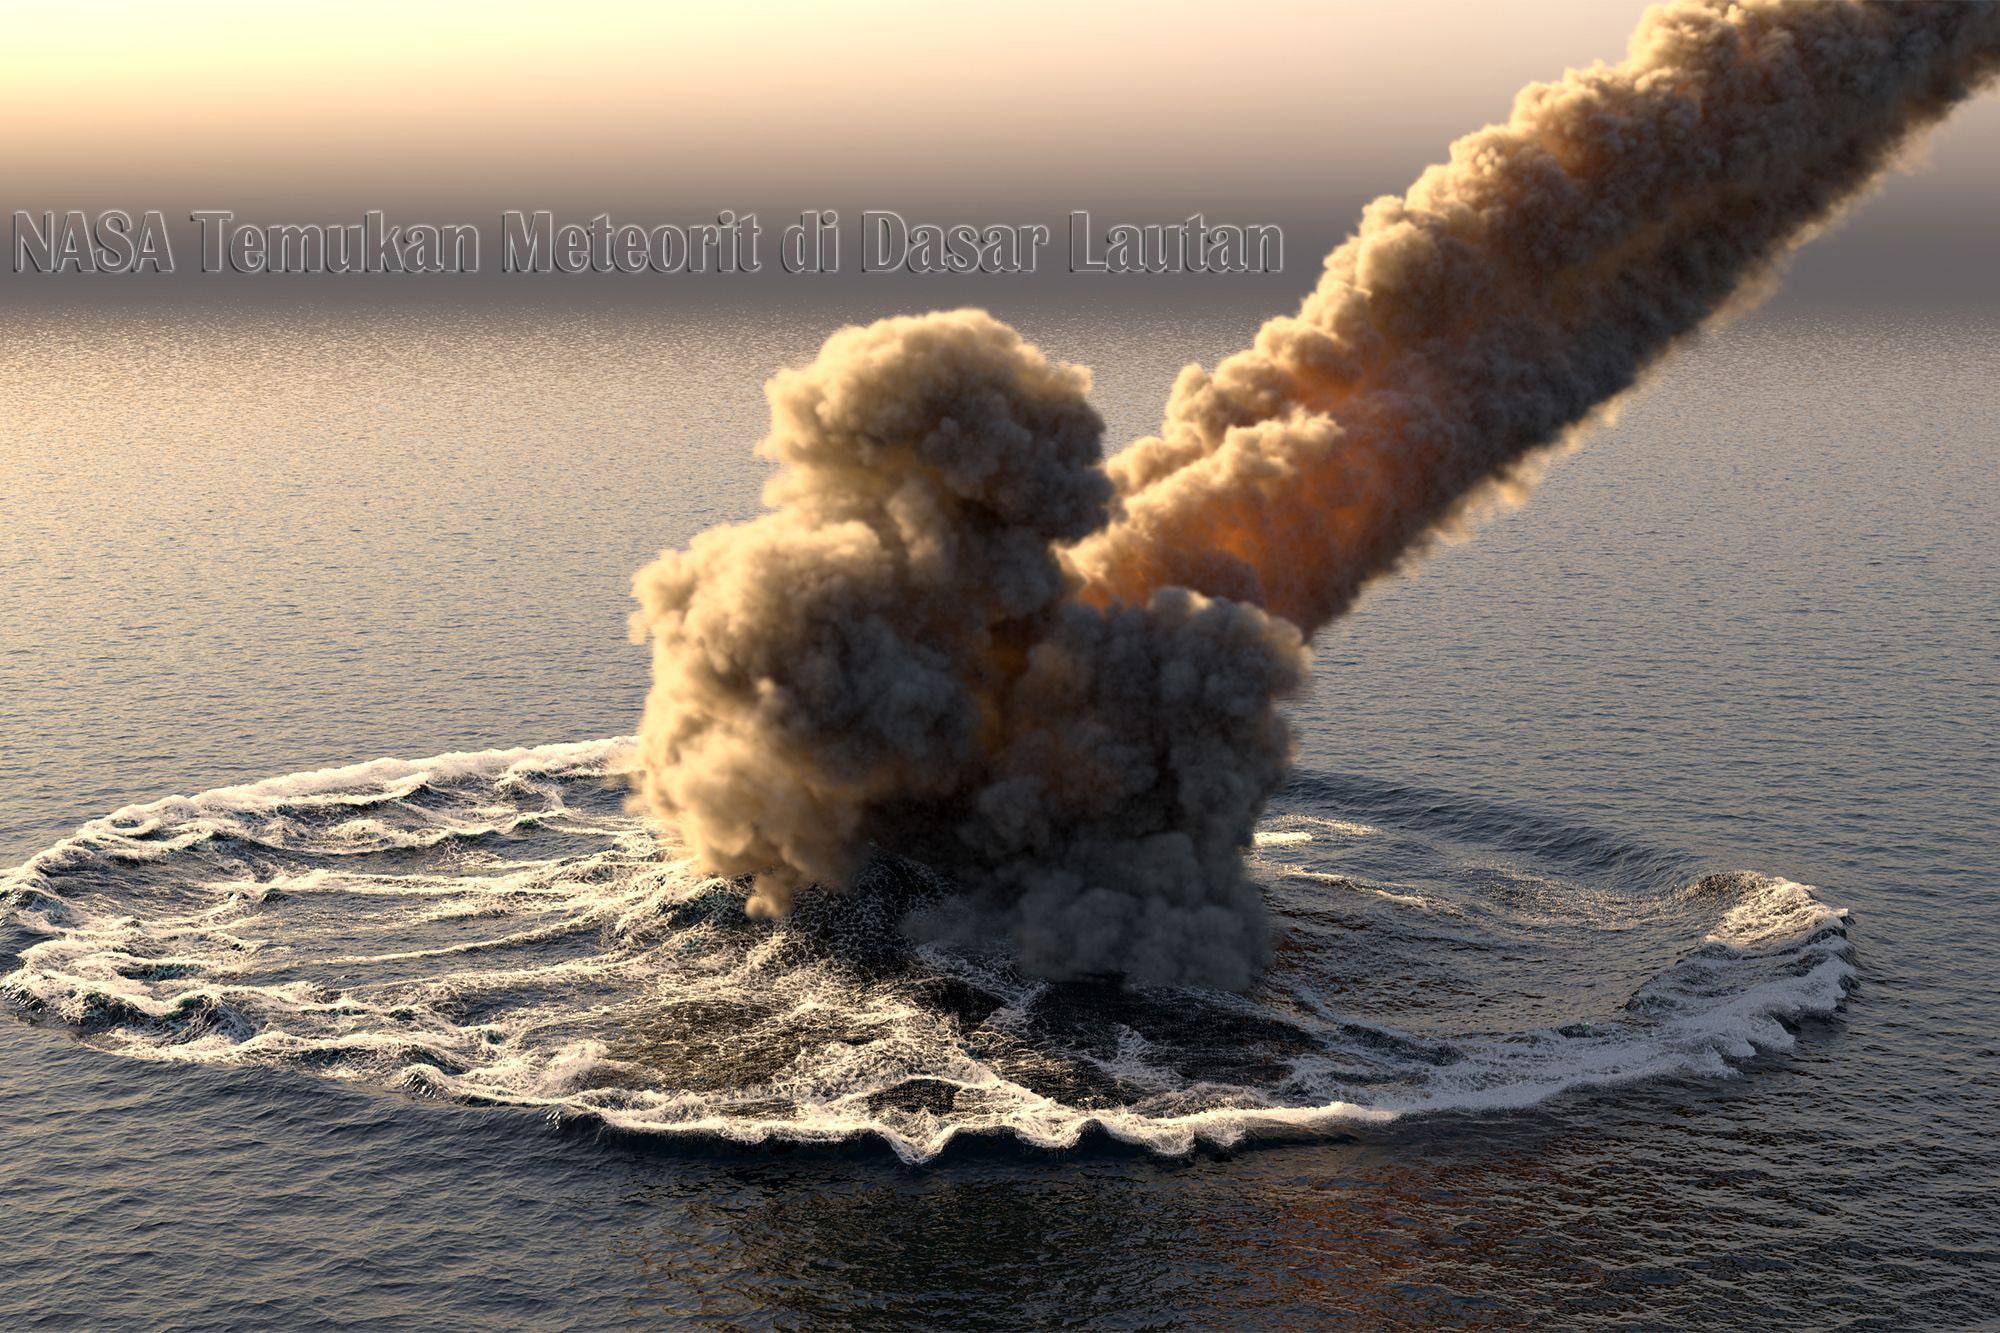 NASA Menemukan Meteorit di Dasar Lautan